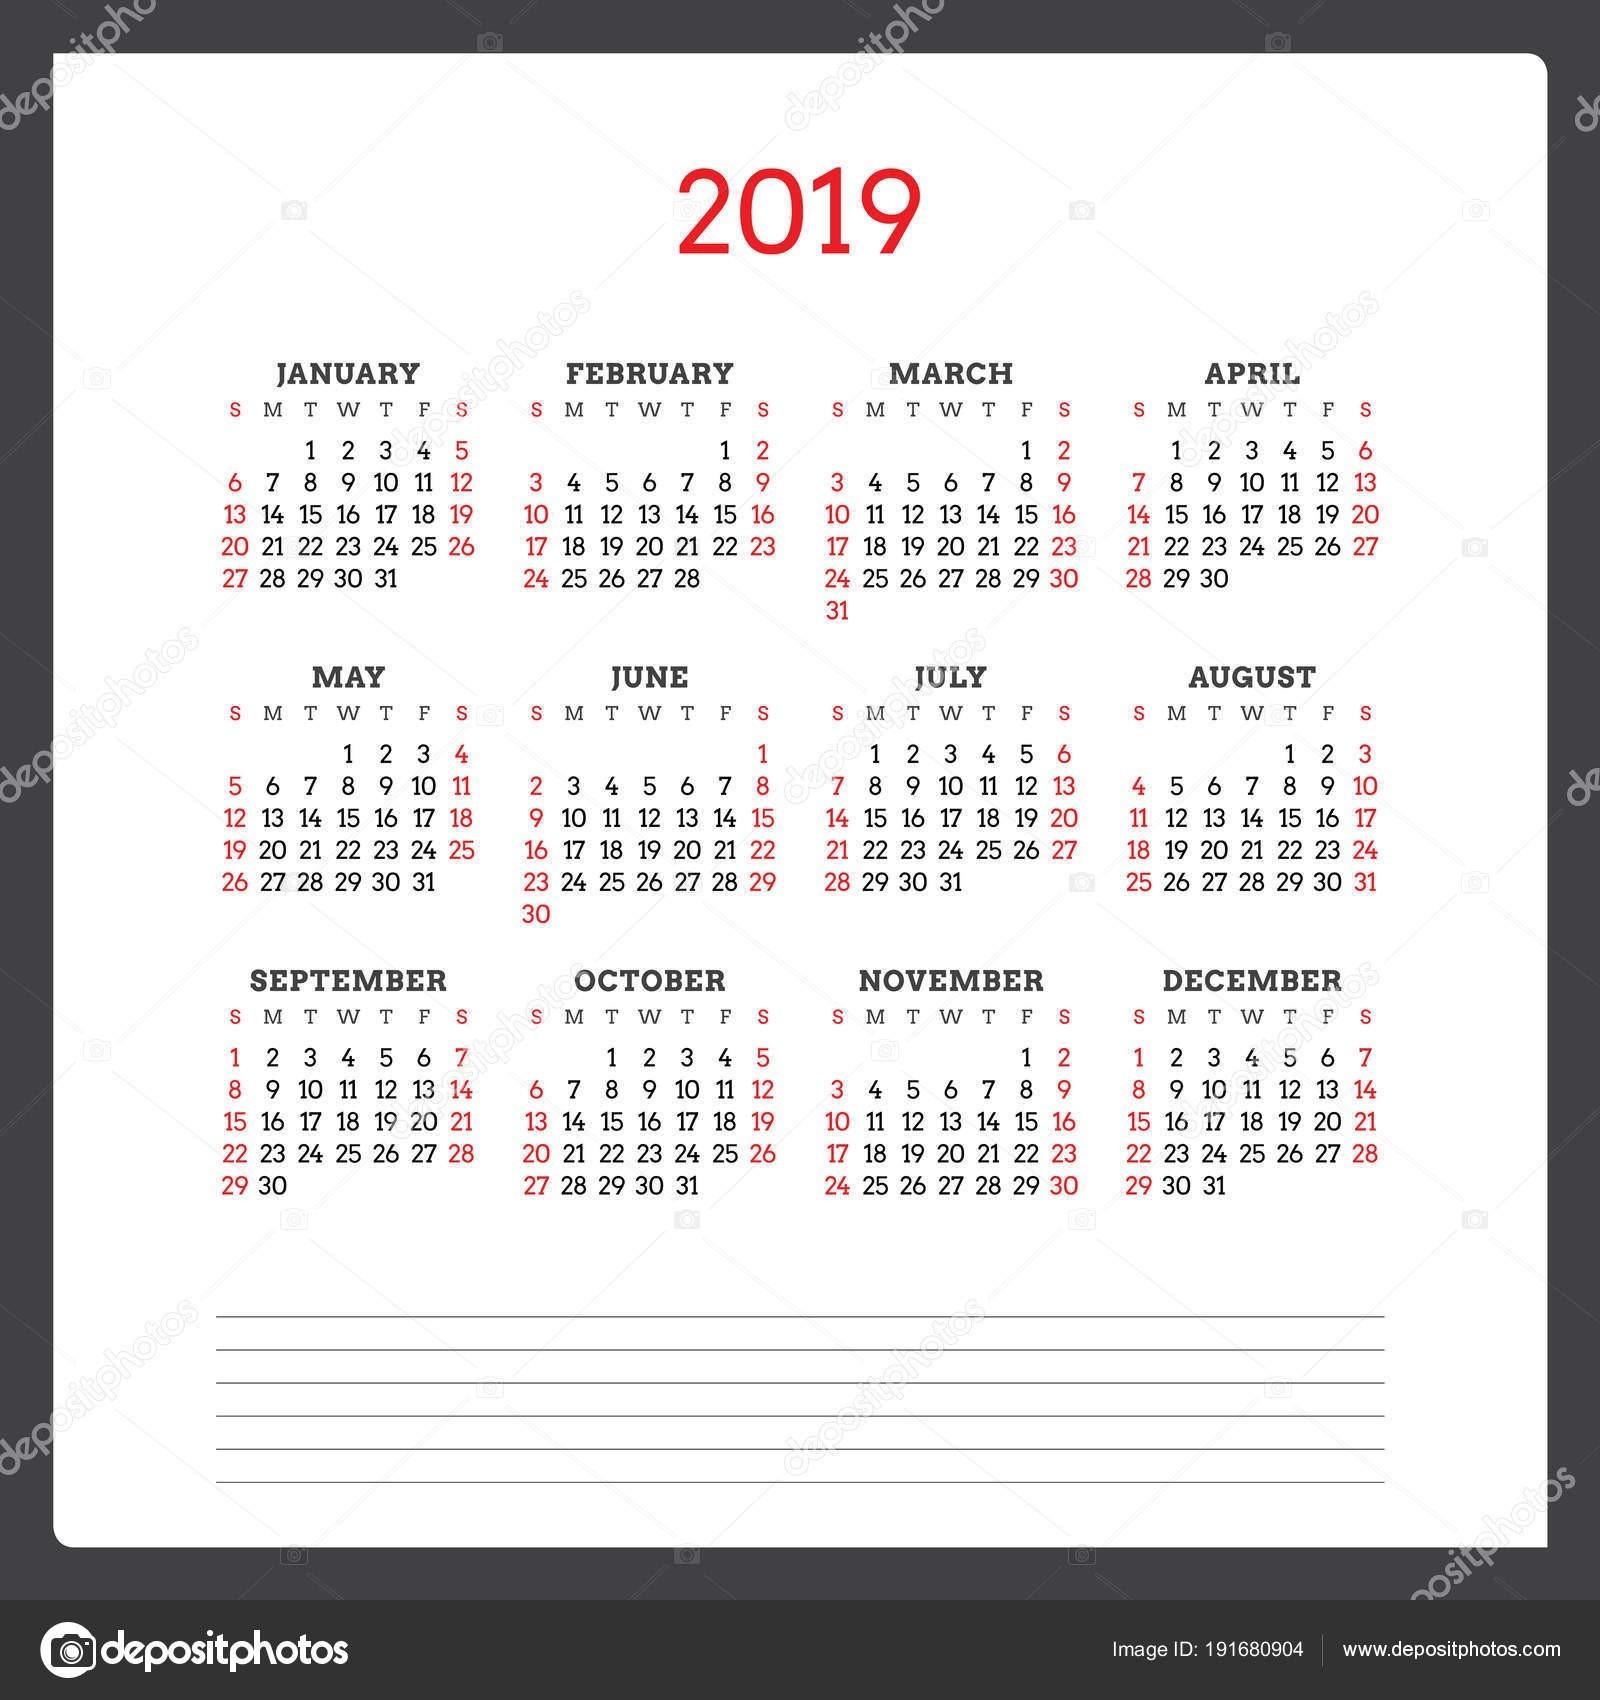 Calendario Septiembre 2019 Feriados Mejores Y Más Novedosos Noticias Calendario 2019 Para Imprimir Con Feriados Mexico Of Calendario Septiembre 2019 Feriados Mejores Y Más Novedosos Informes Calendario Escolar 2019 En Panama